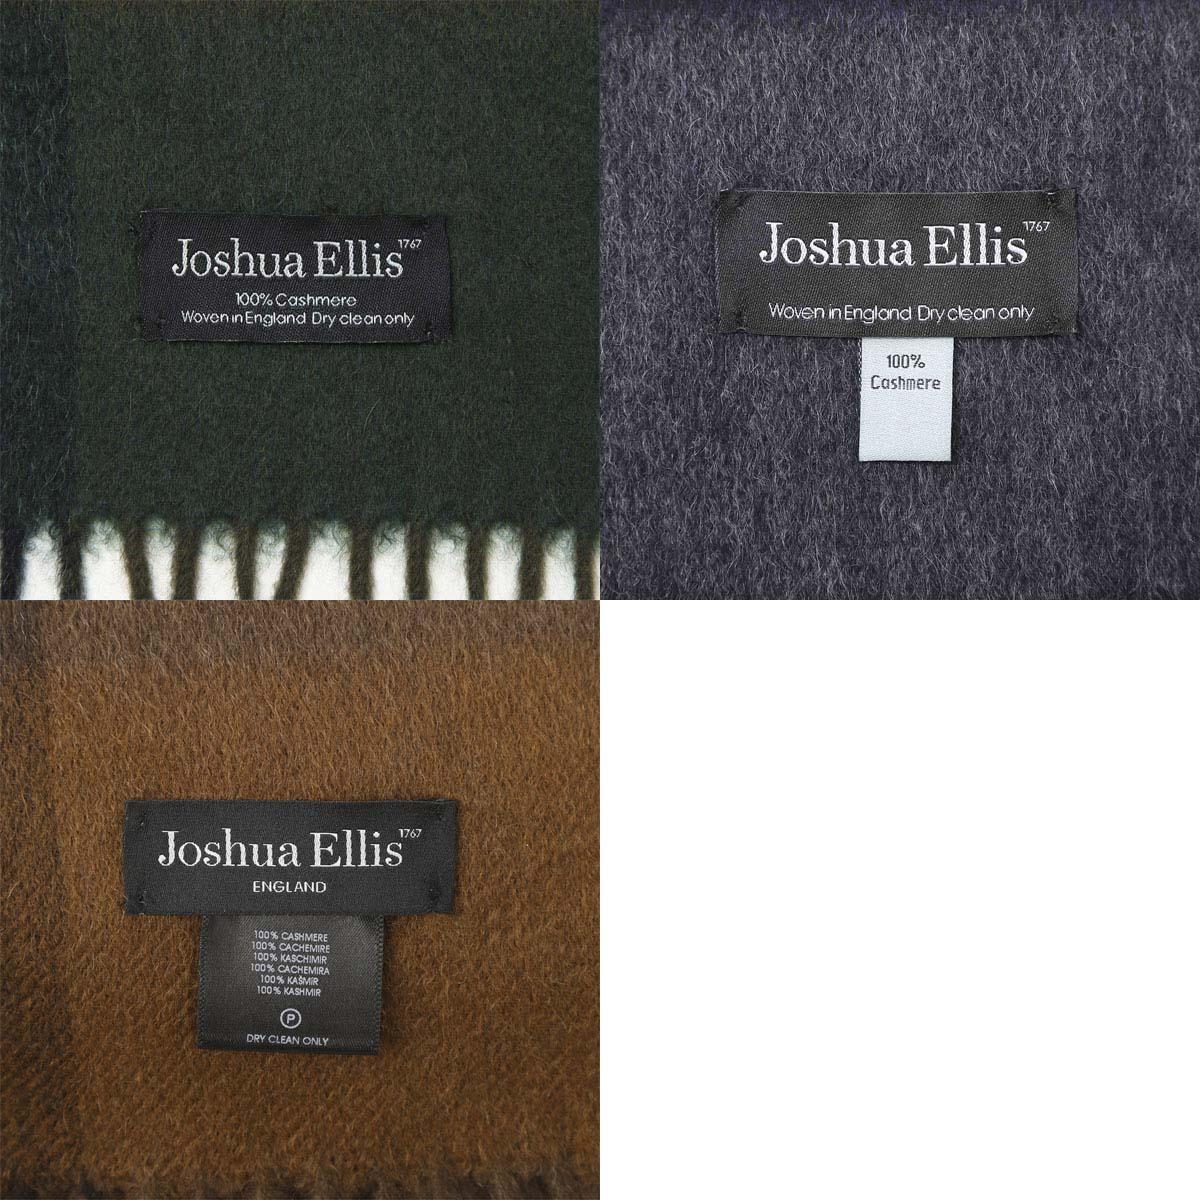 【タイムセール ACCS】Joshua Ellis ジョシュアエリス カシミア大判ストール/ストール/CPG レディース